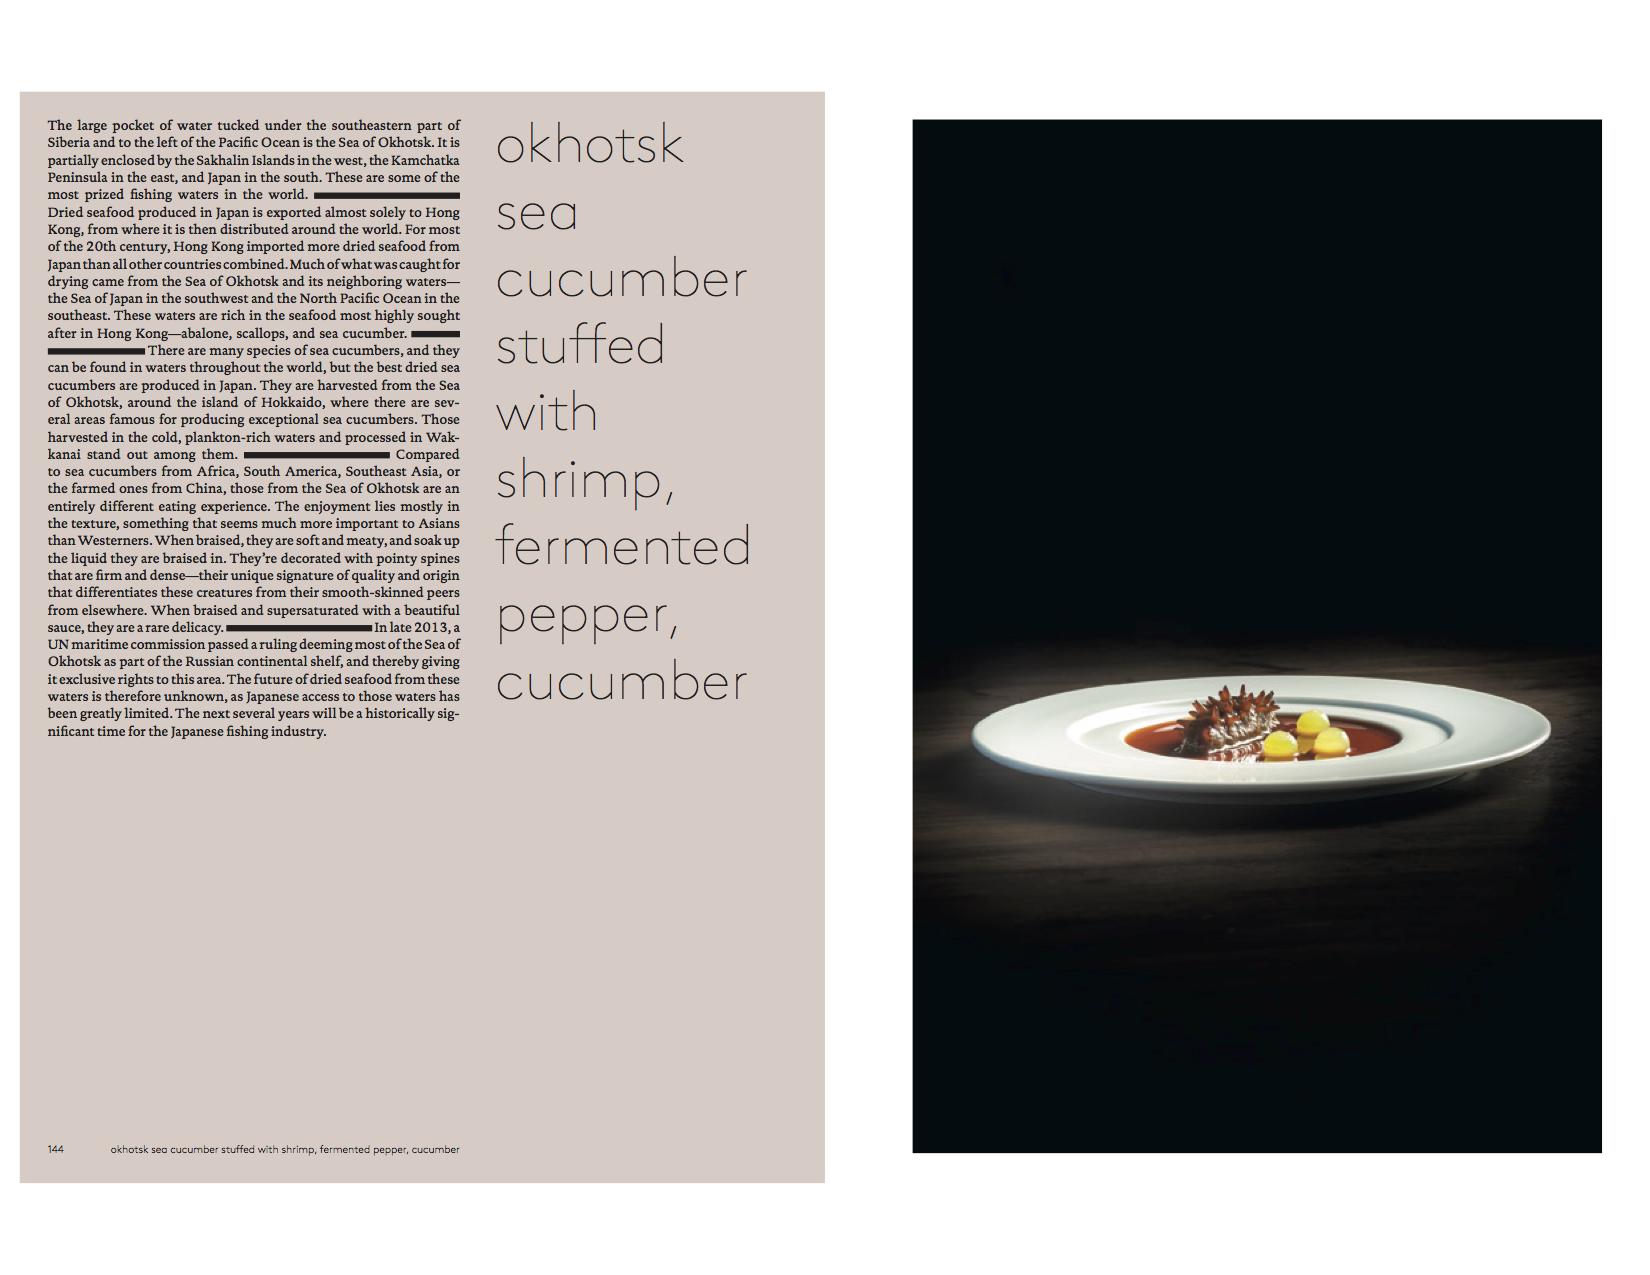 cookbook_sea cucumber.jpg